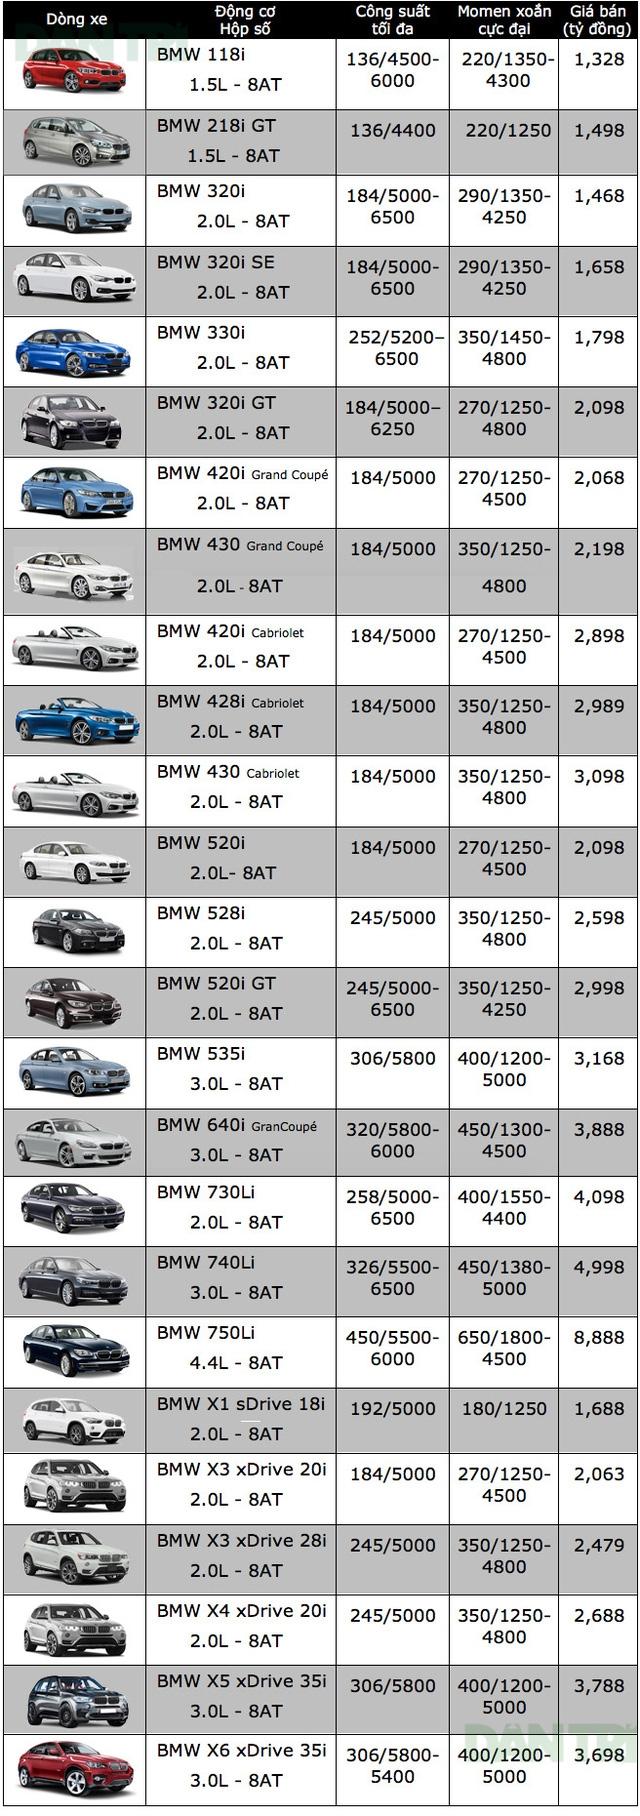 Bảng giá xe ôtô tại Việt Nam cập nhật tháng 10/2017 - 1